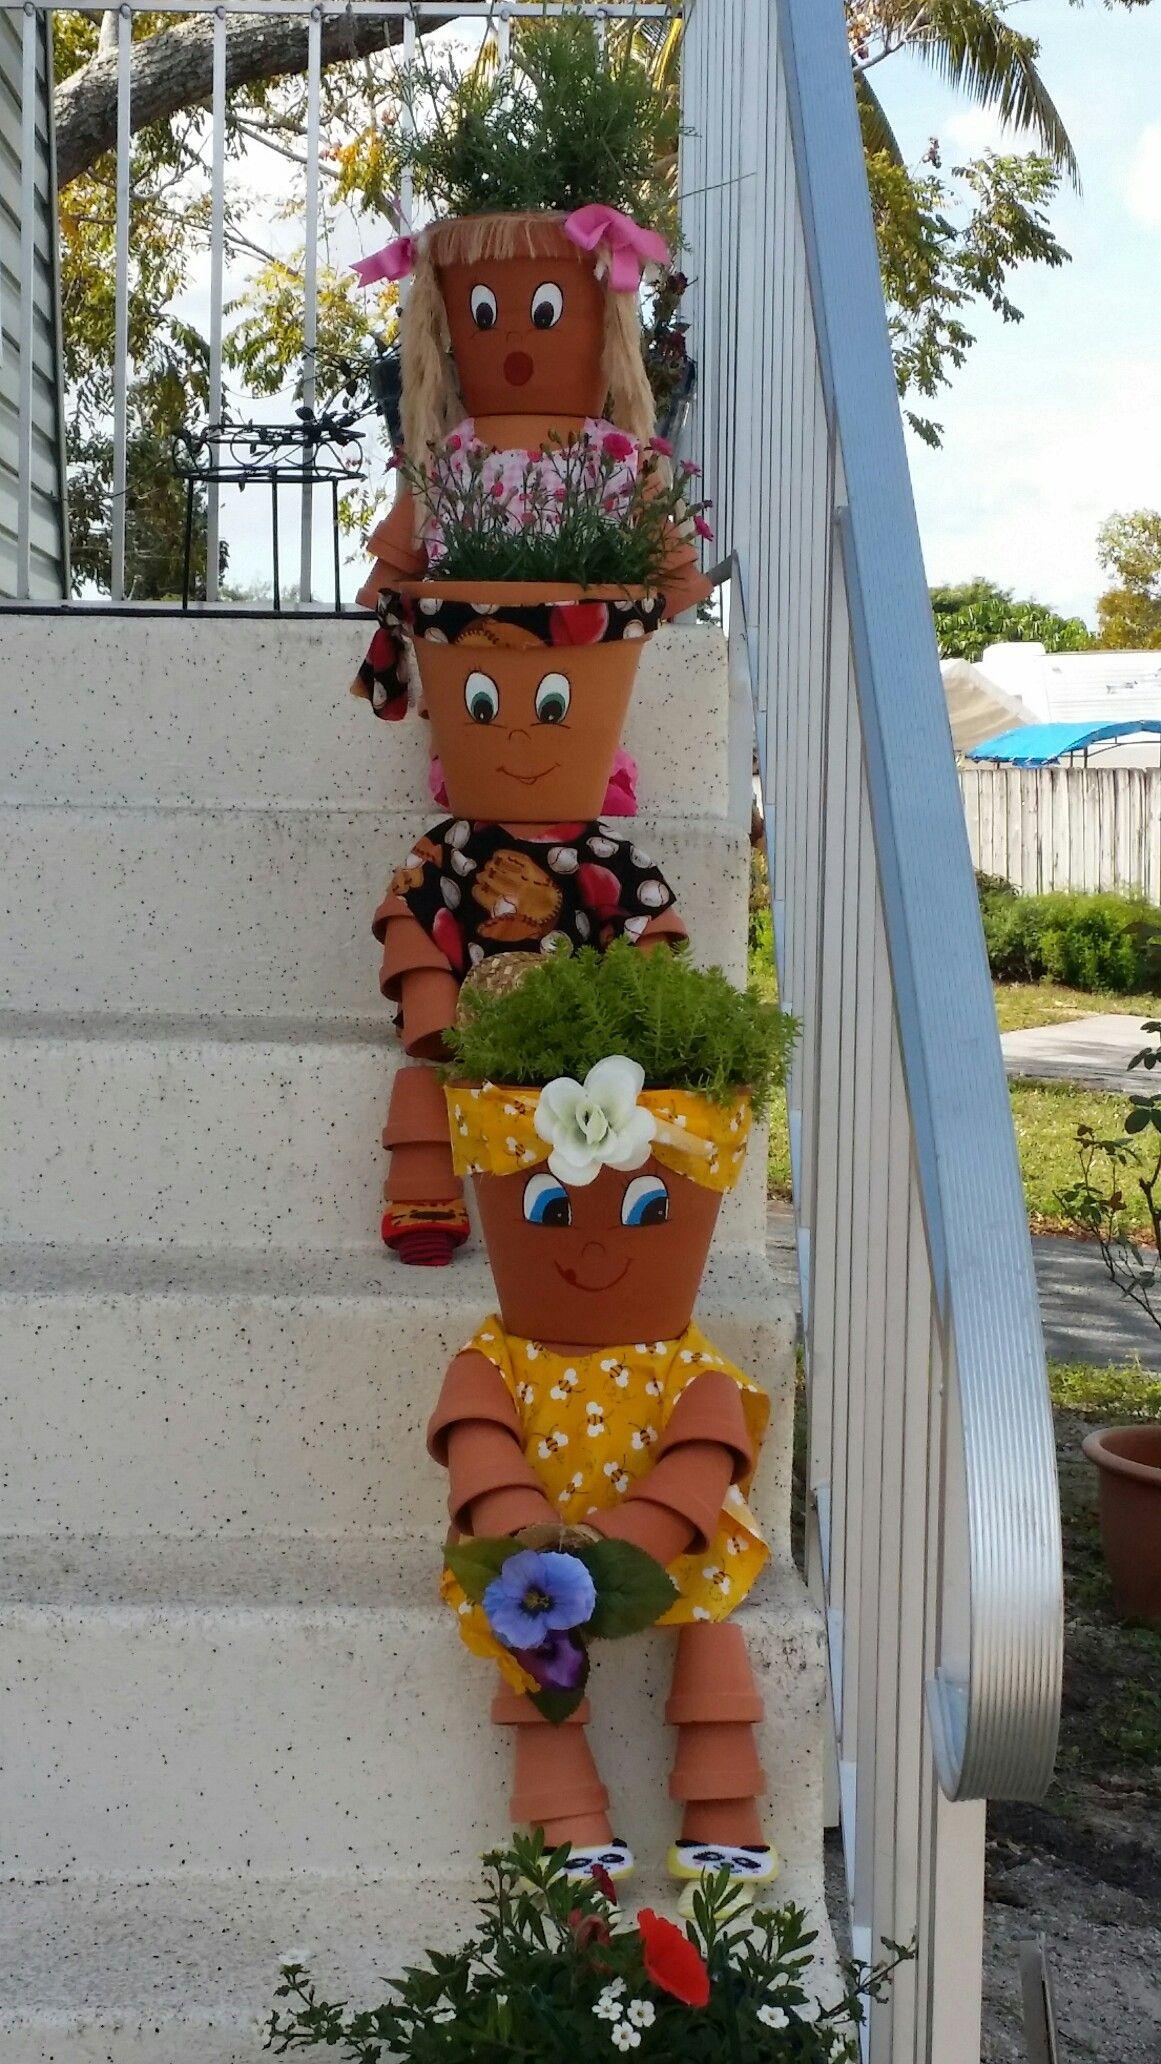 Dekorationen  집을 위한 아이디어  Pinterest  농장, 장난감 및 화분